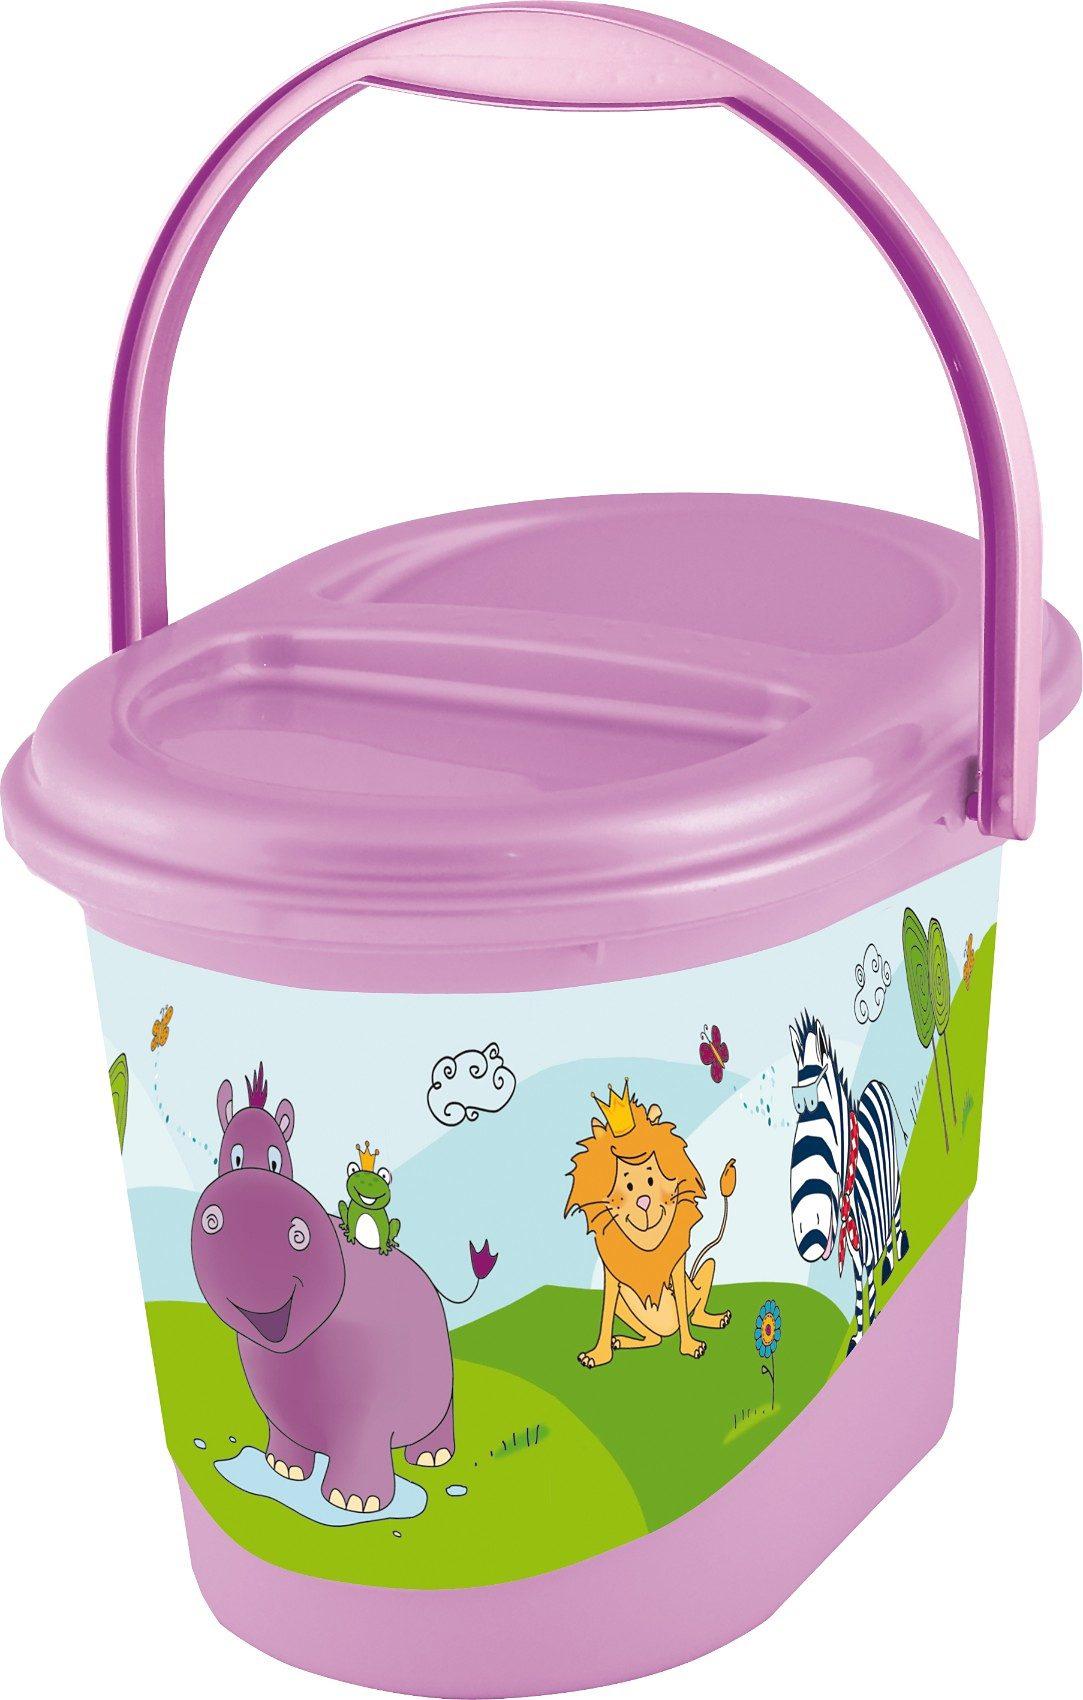 OKT kids Windeleimer Hippo, flieder